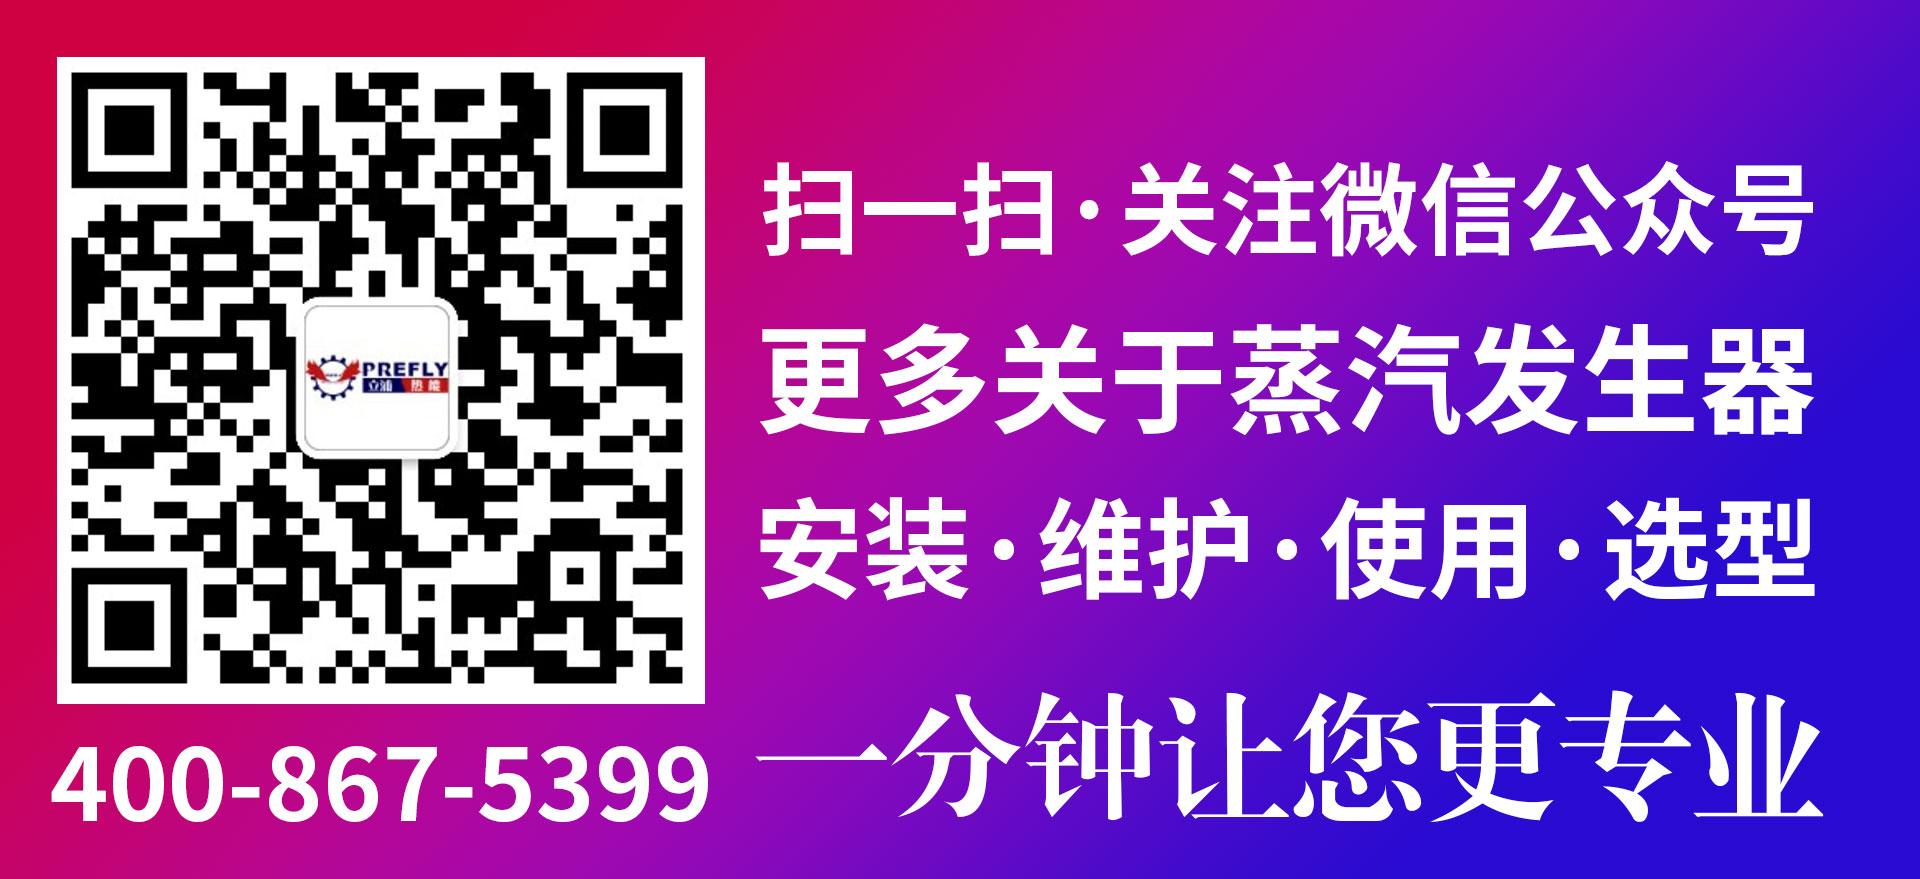 微信图片_20190510150638.jpg